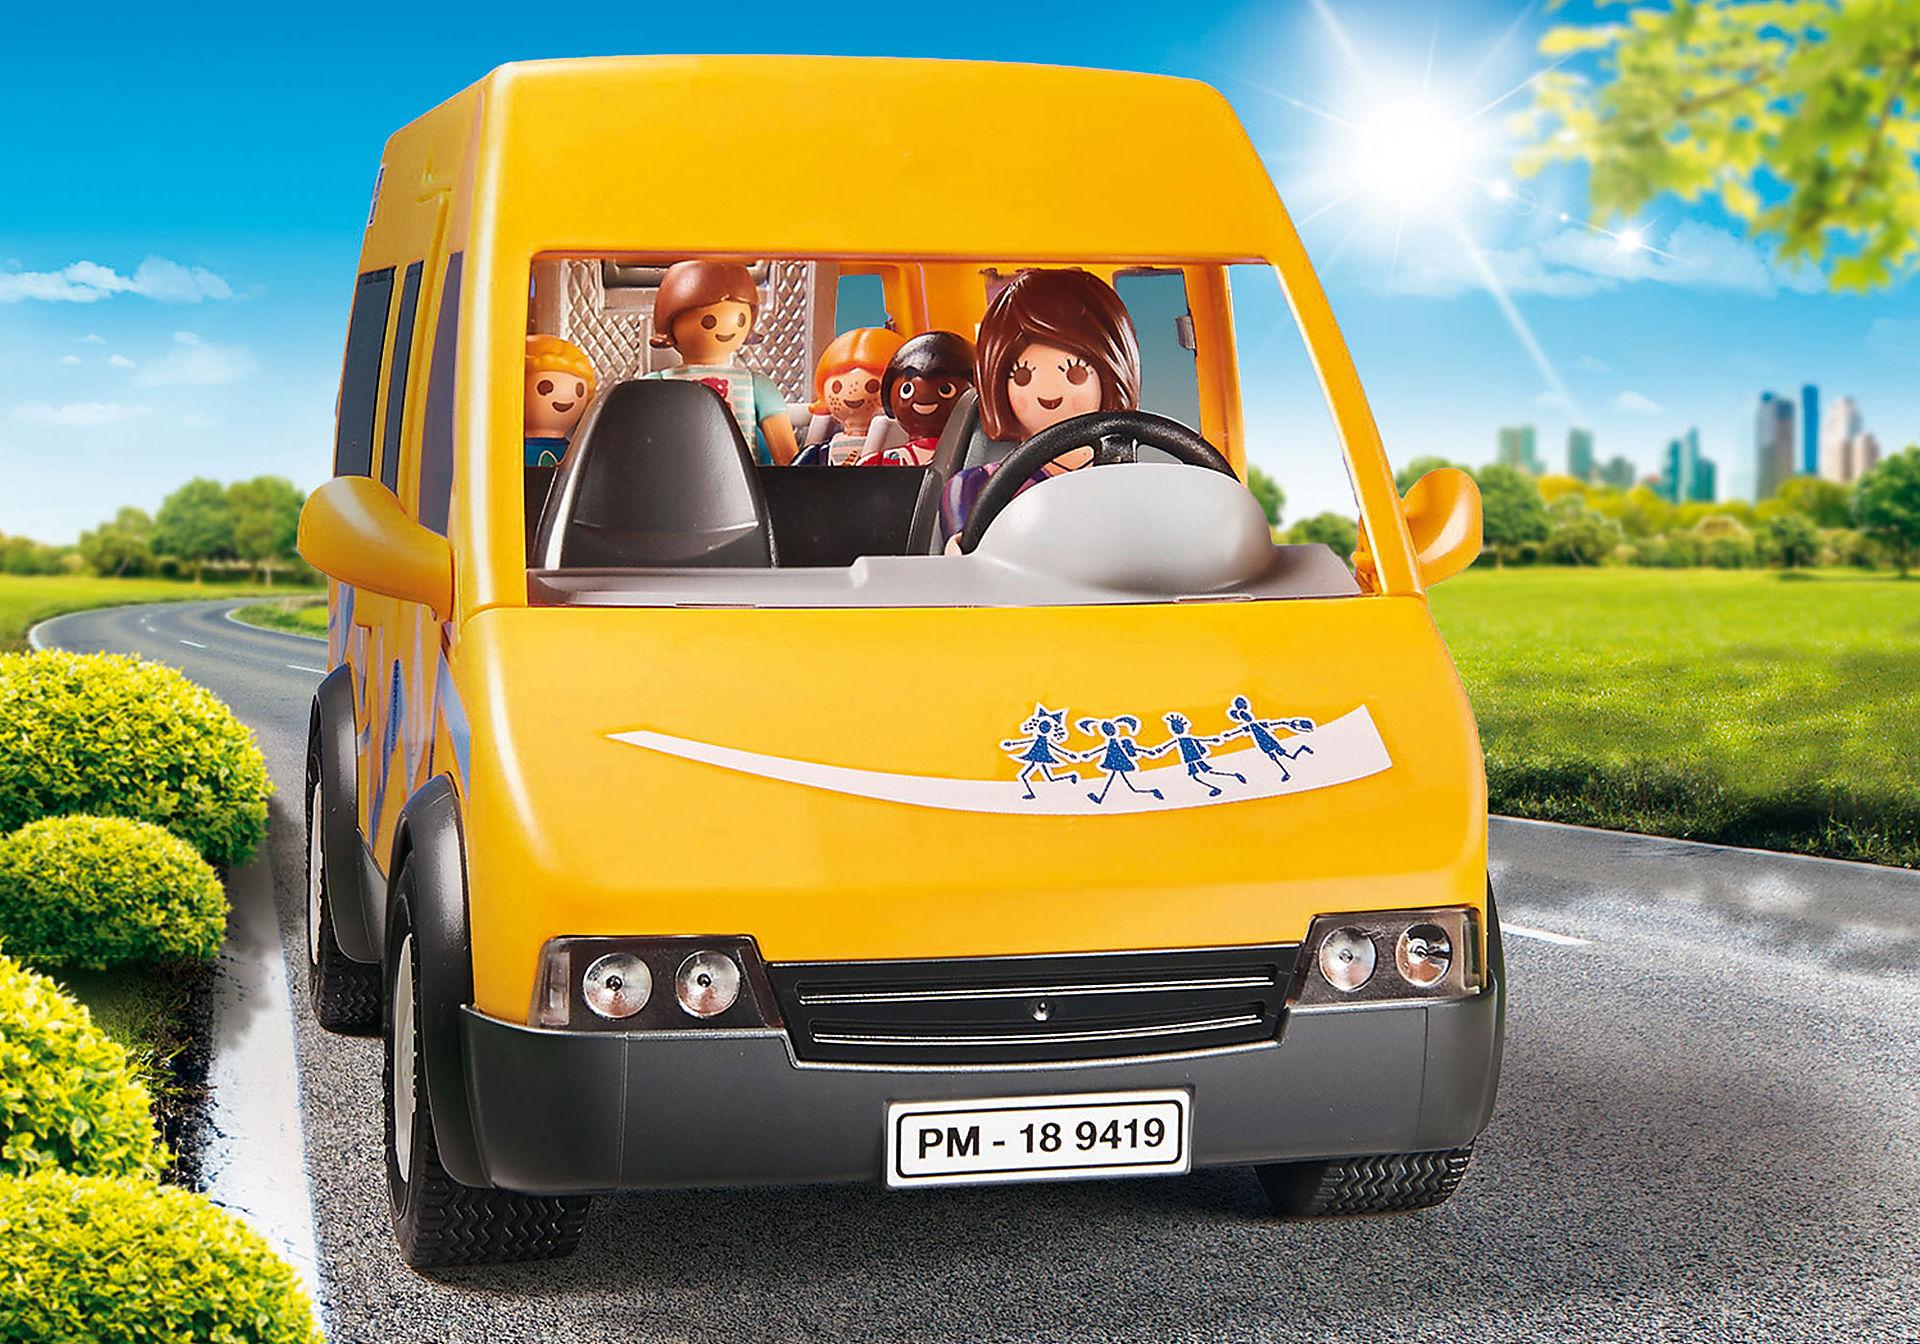 9419 Autobus szkolny zoom image7